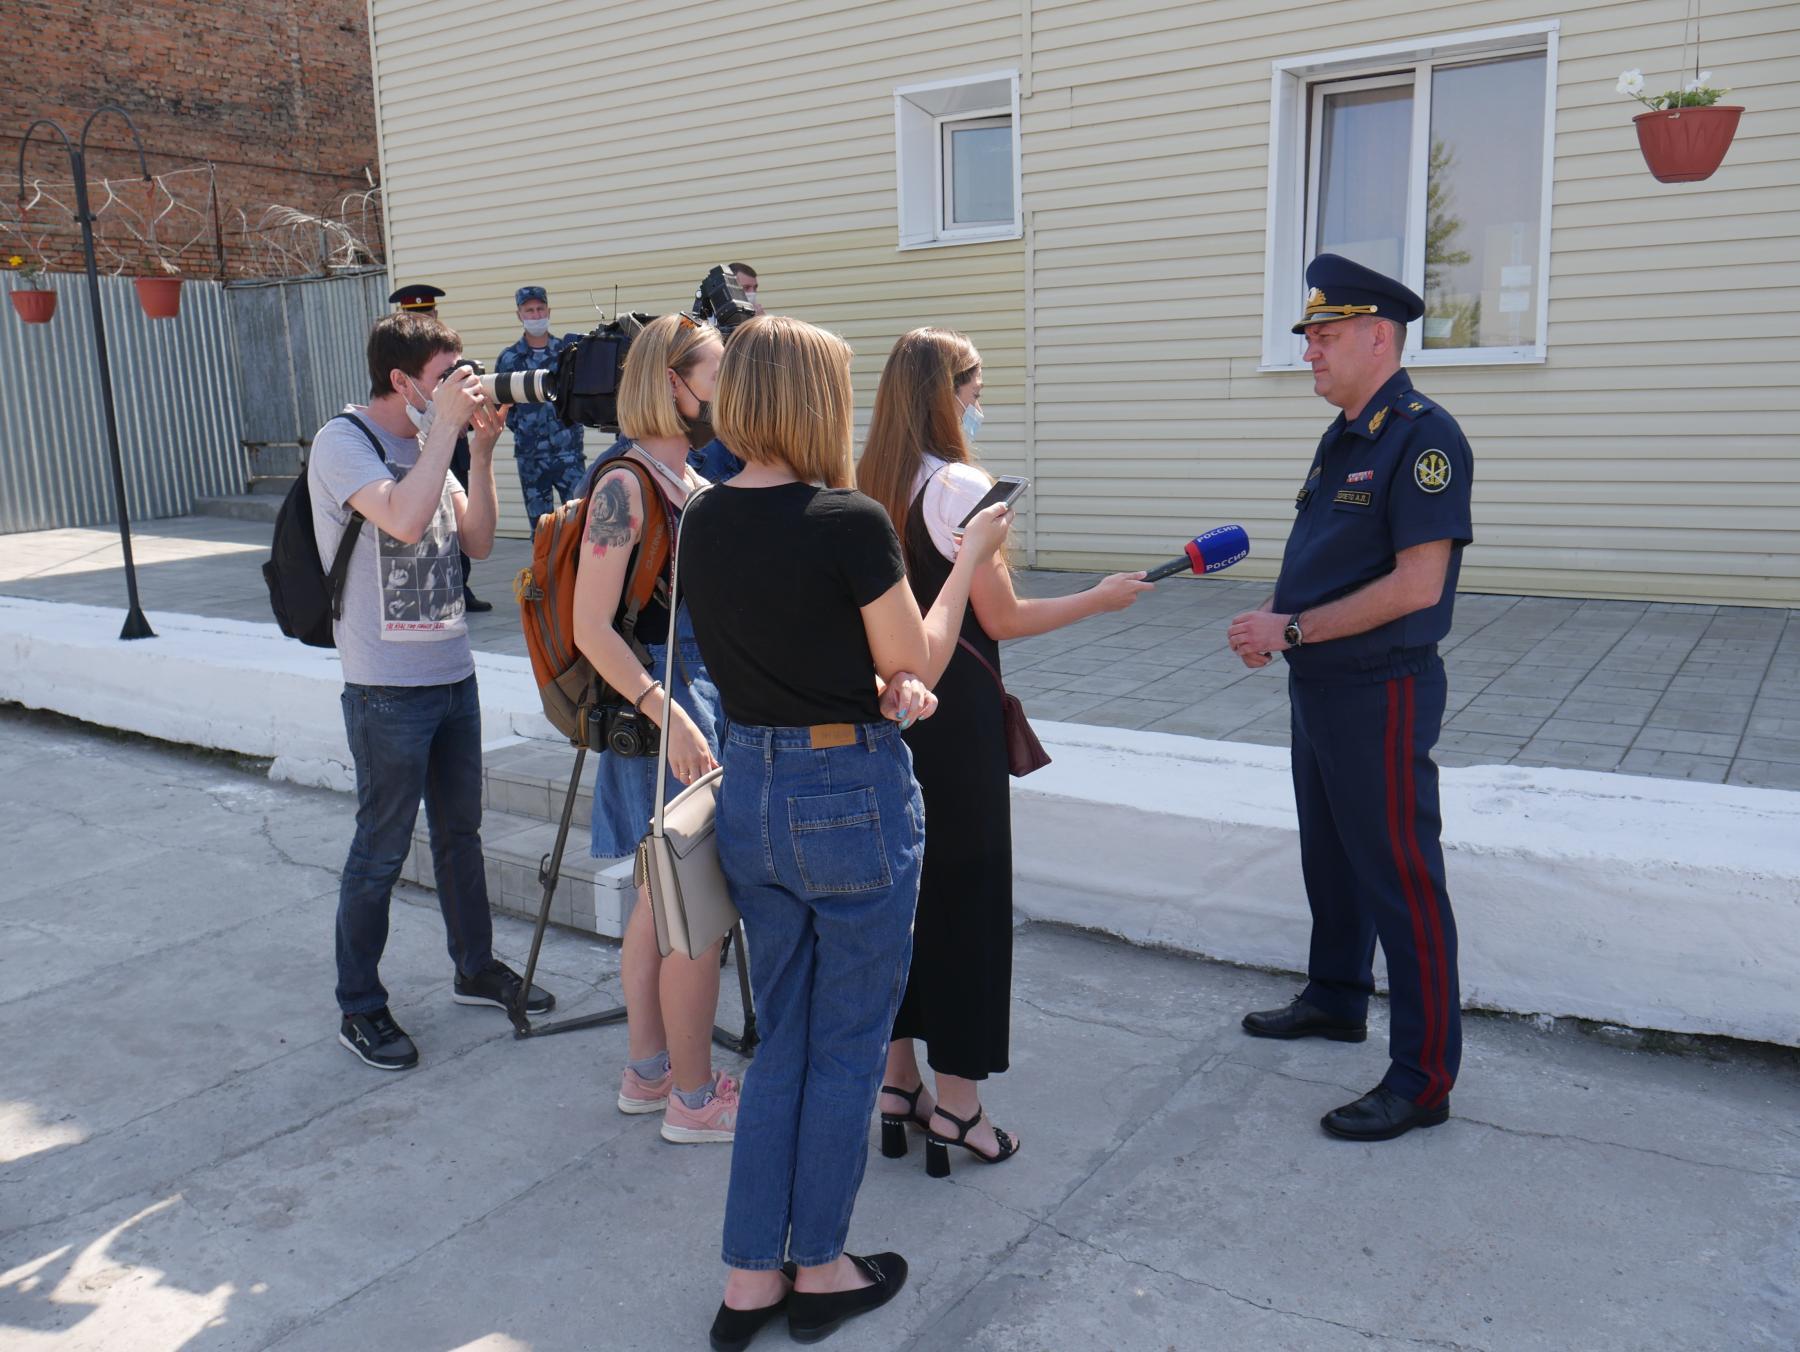 фото Представители новосибирских СМИ ознакомились с условиями отбывания наказания в виде принудительных работ 2